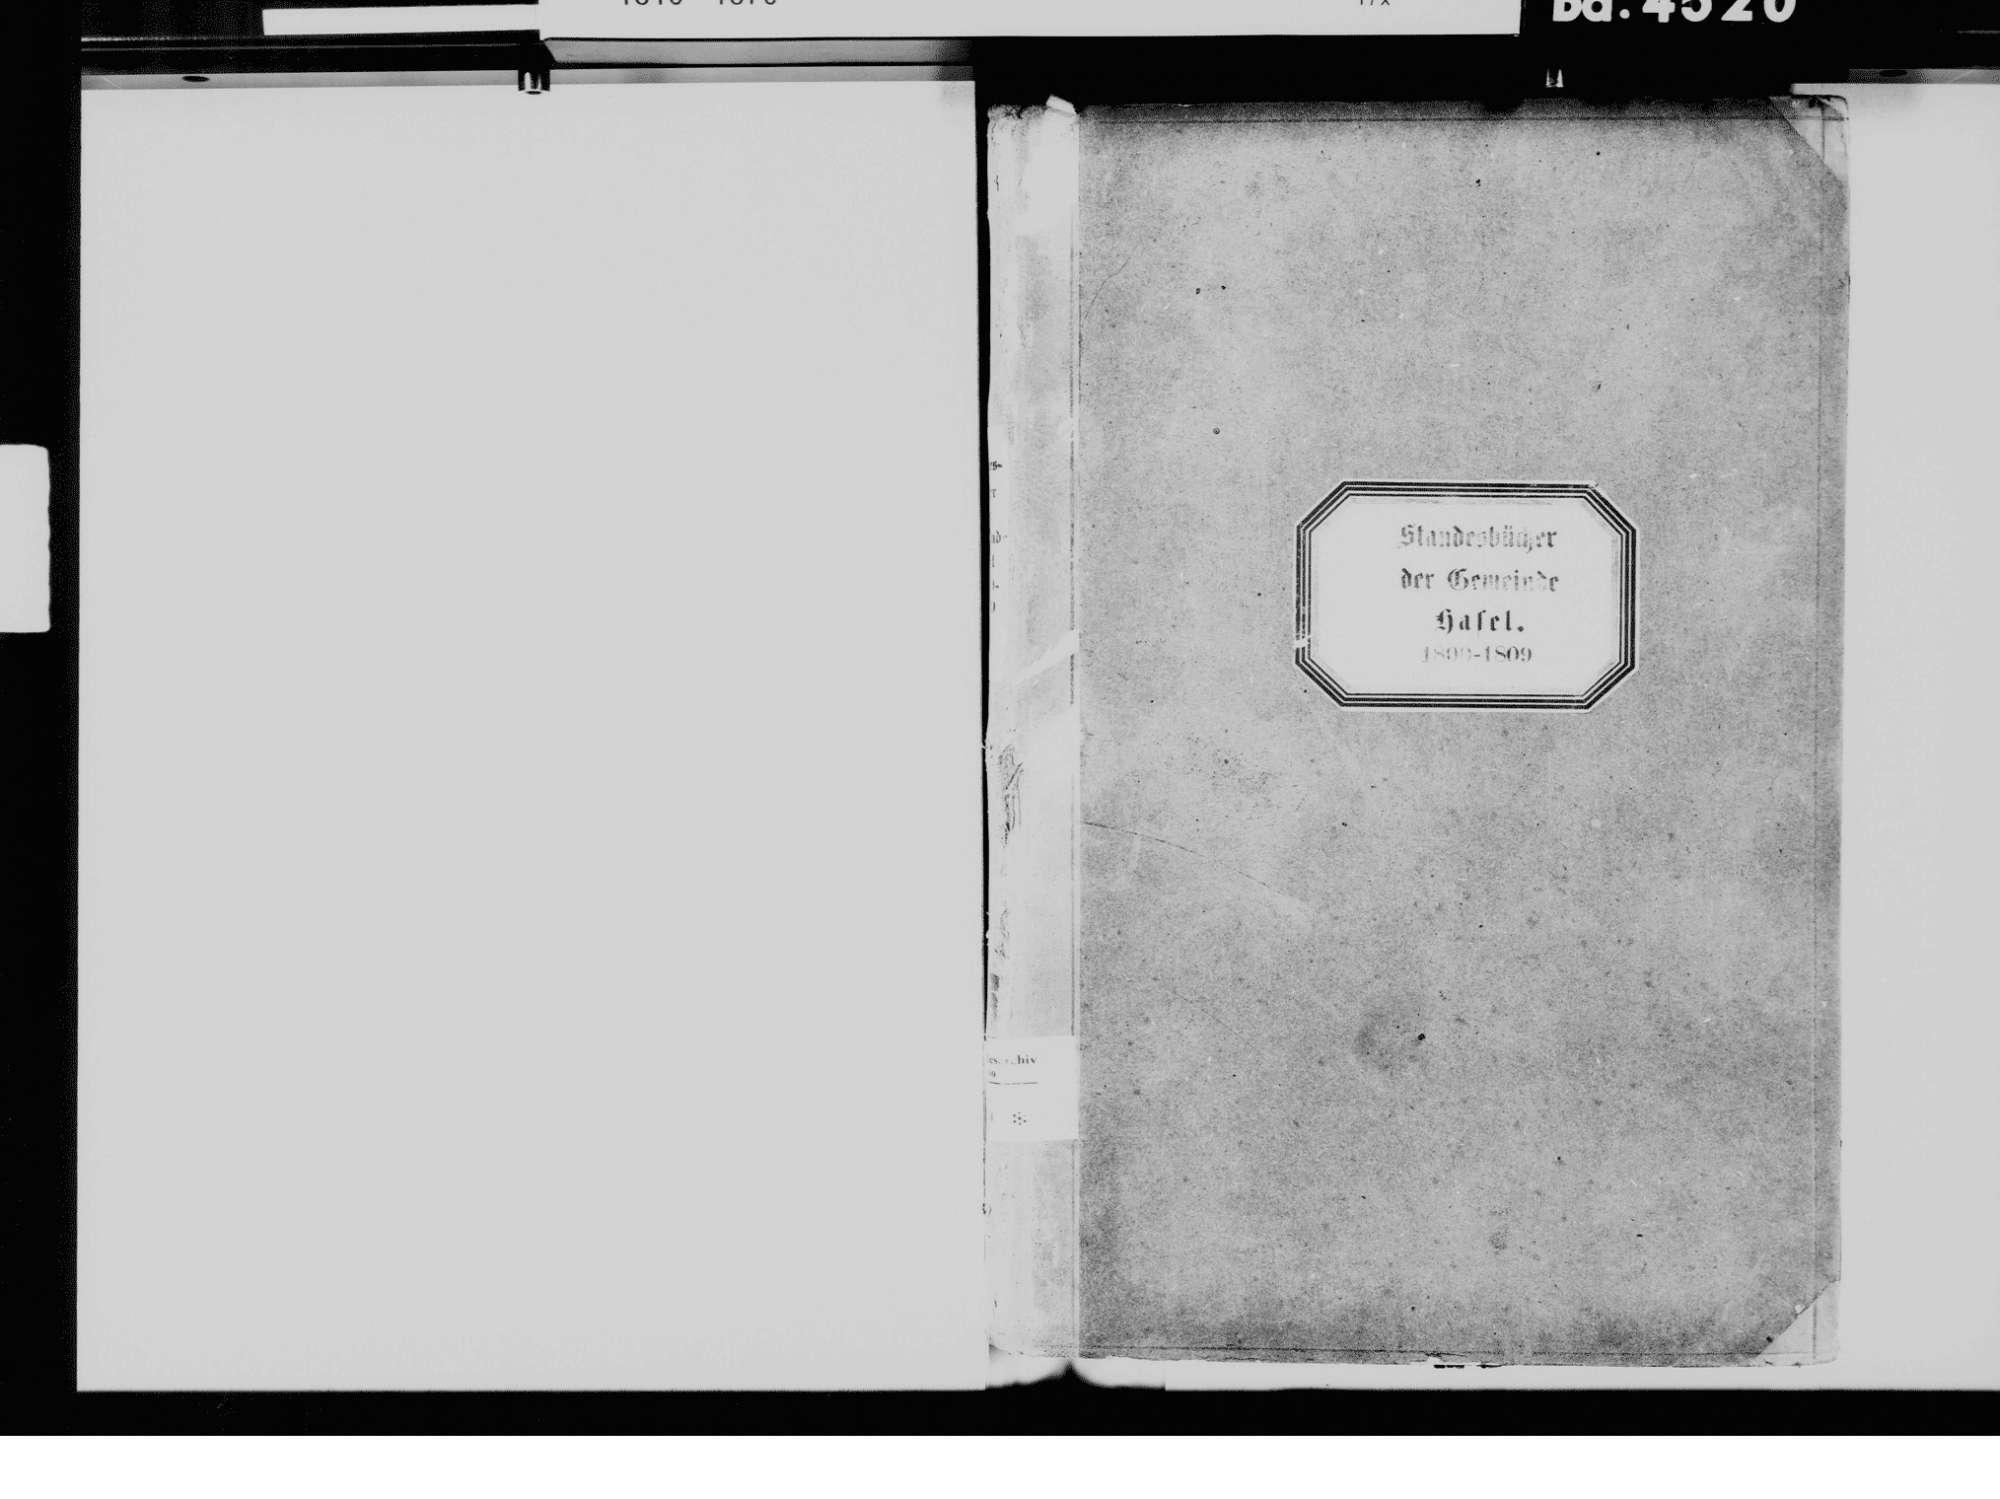 Hasel LÖ, Evangelische Gemeinde: Standesbuch 1800-1809, Bild 3